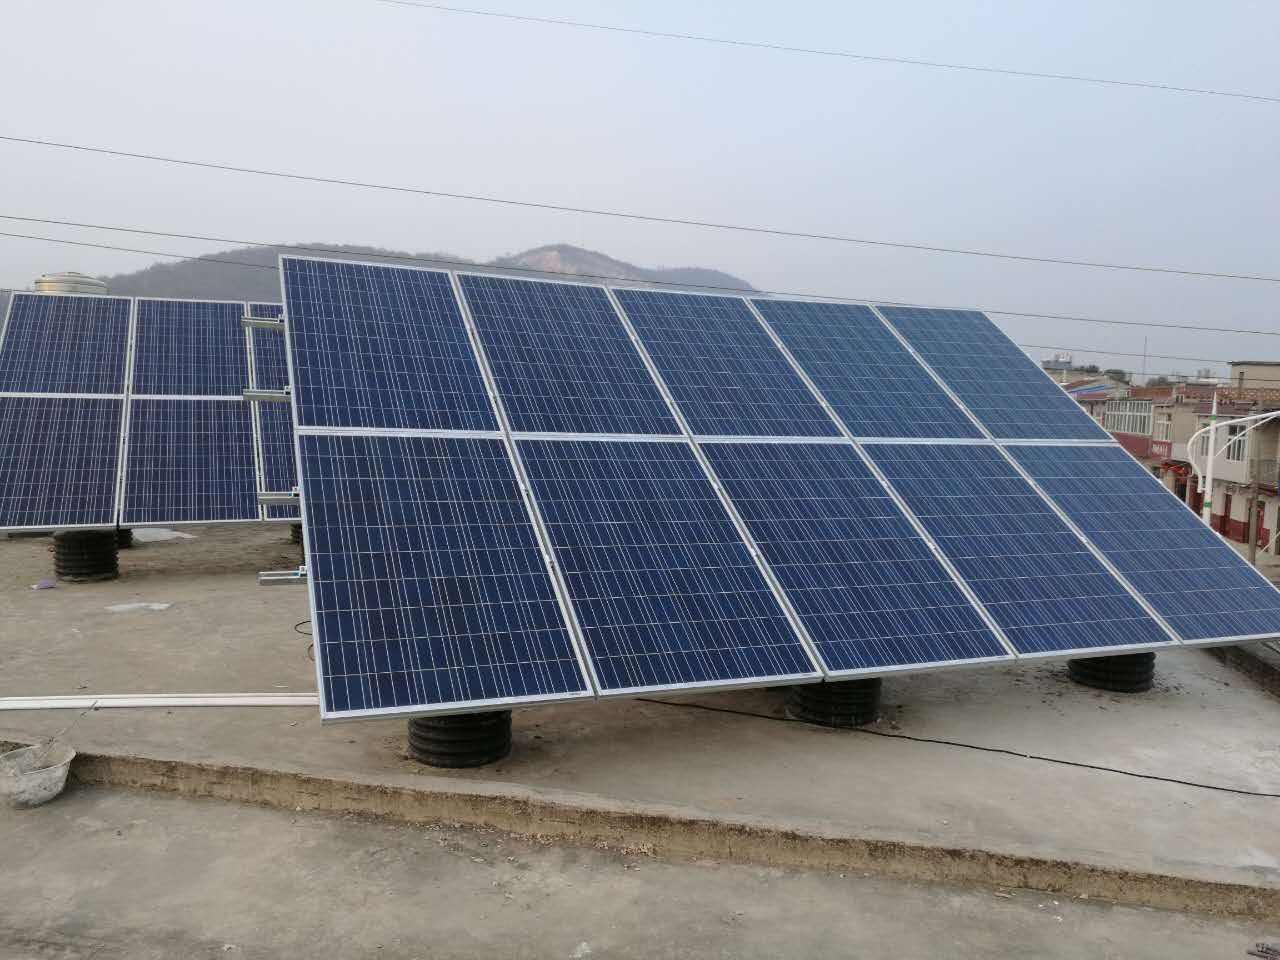 【科普】什么是太阳能光伏发电?